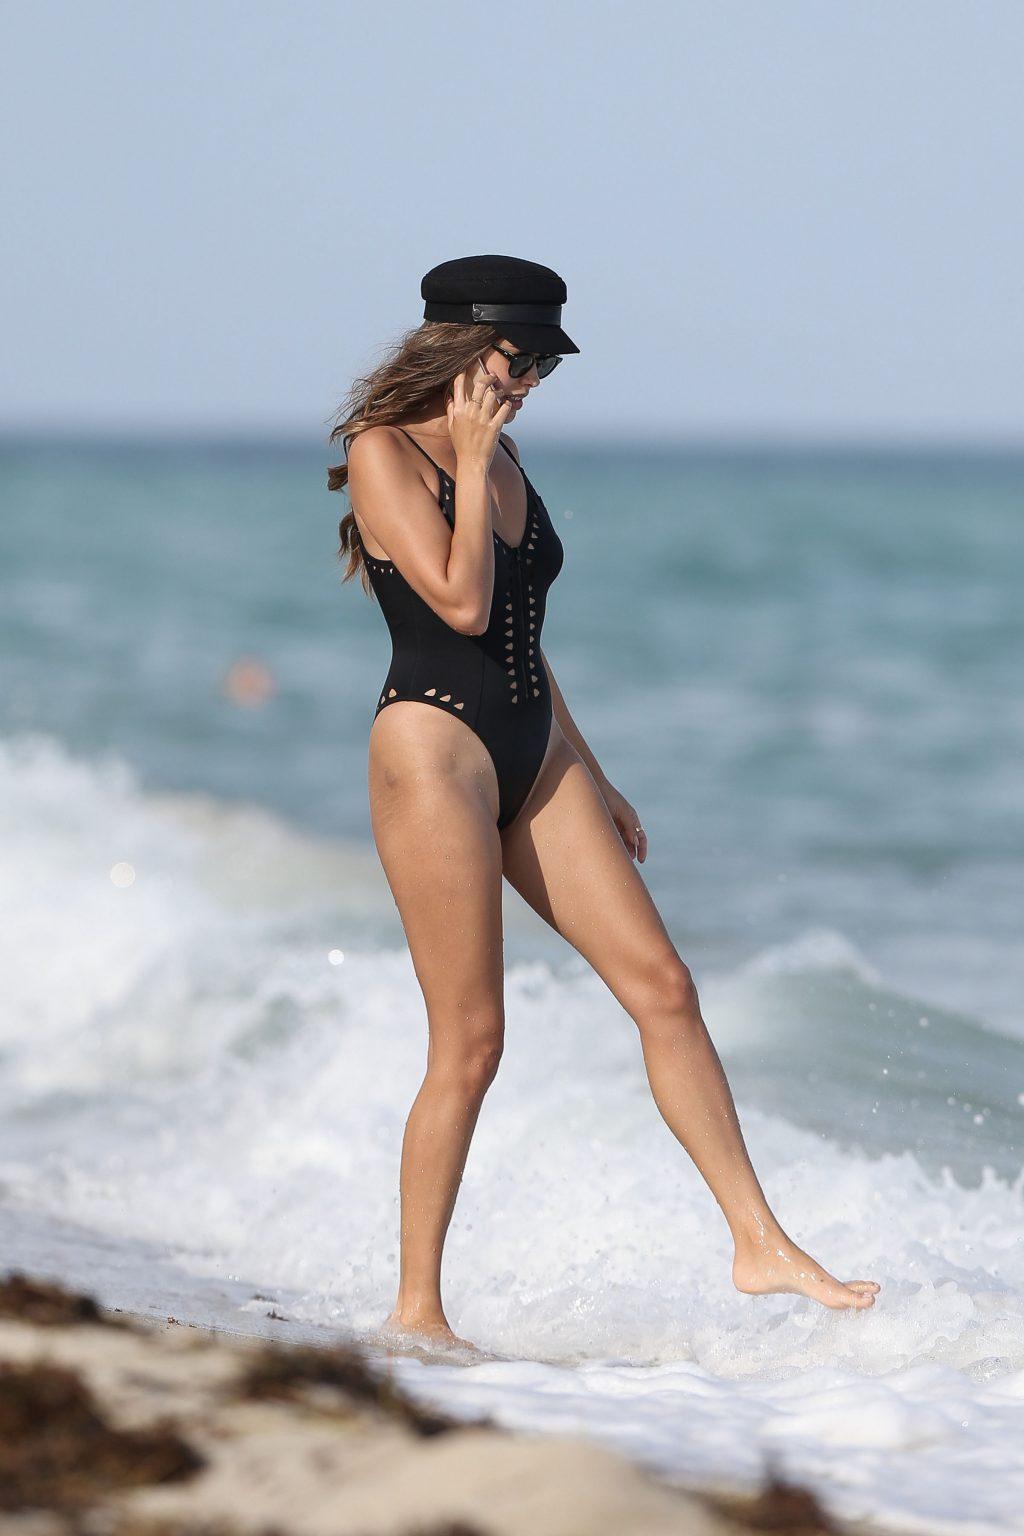 ICloud Melody de la Fe nudes (73 photos), Sexy, Cleavage, Instagram, butt 2015